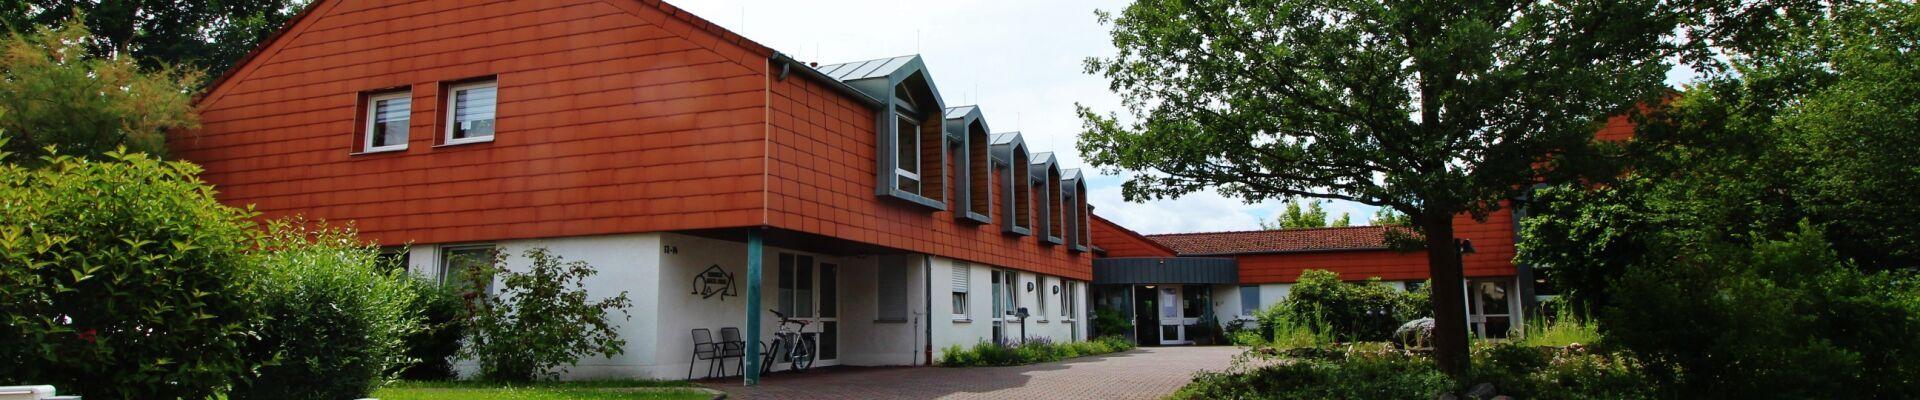 Das Heinrich-Kreß-Haus in Linsengericht-Altenhaßlau